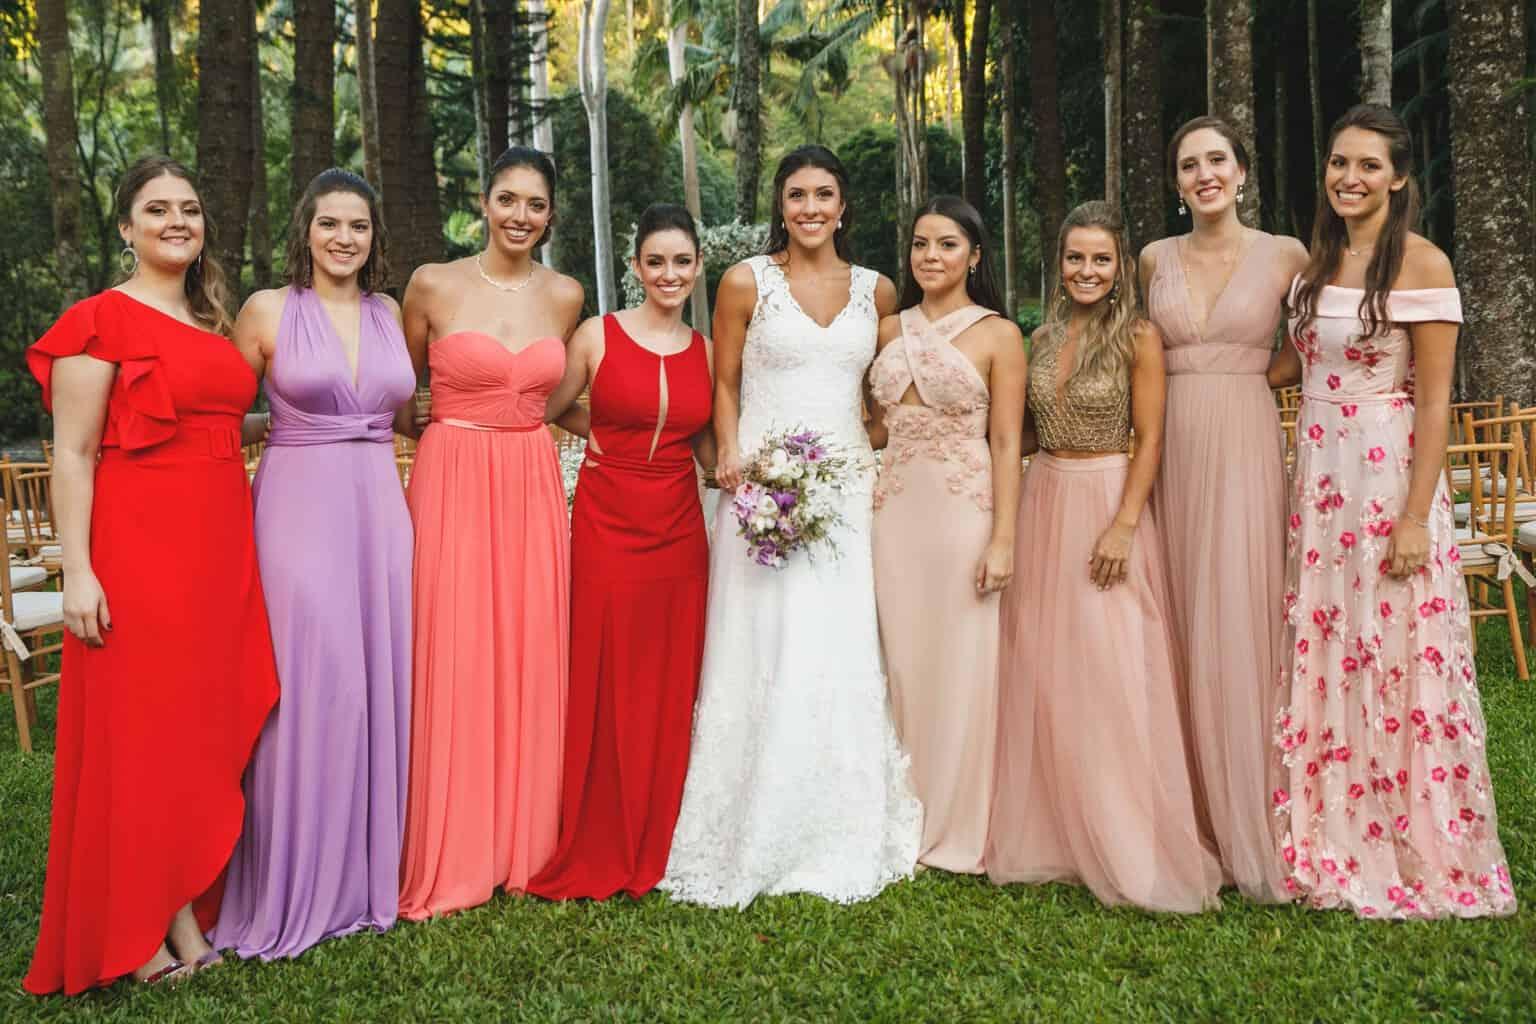 casamento-na-Fazenda-Vila-Rica-cerimonial-Ana-Paula-Tabet-Fotografia-Euka-Weddings-madrinhas-padrinhos-Renata-e-Gabriel107